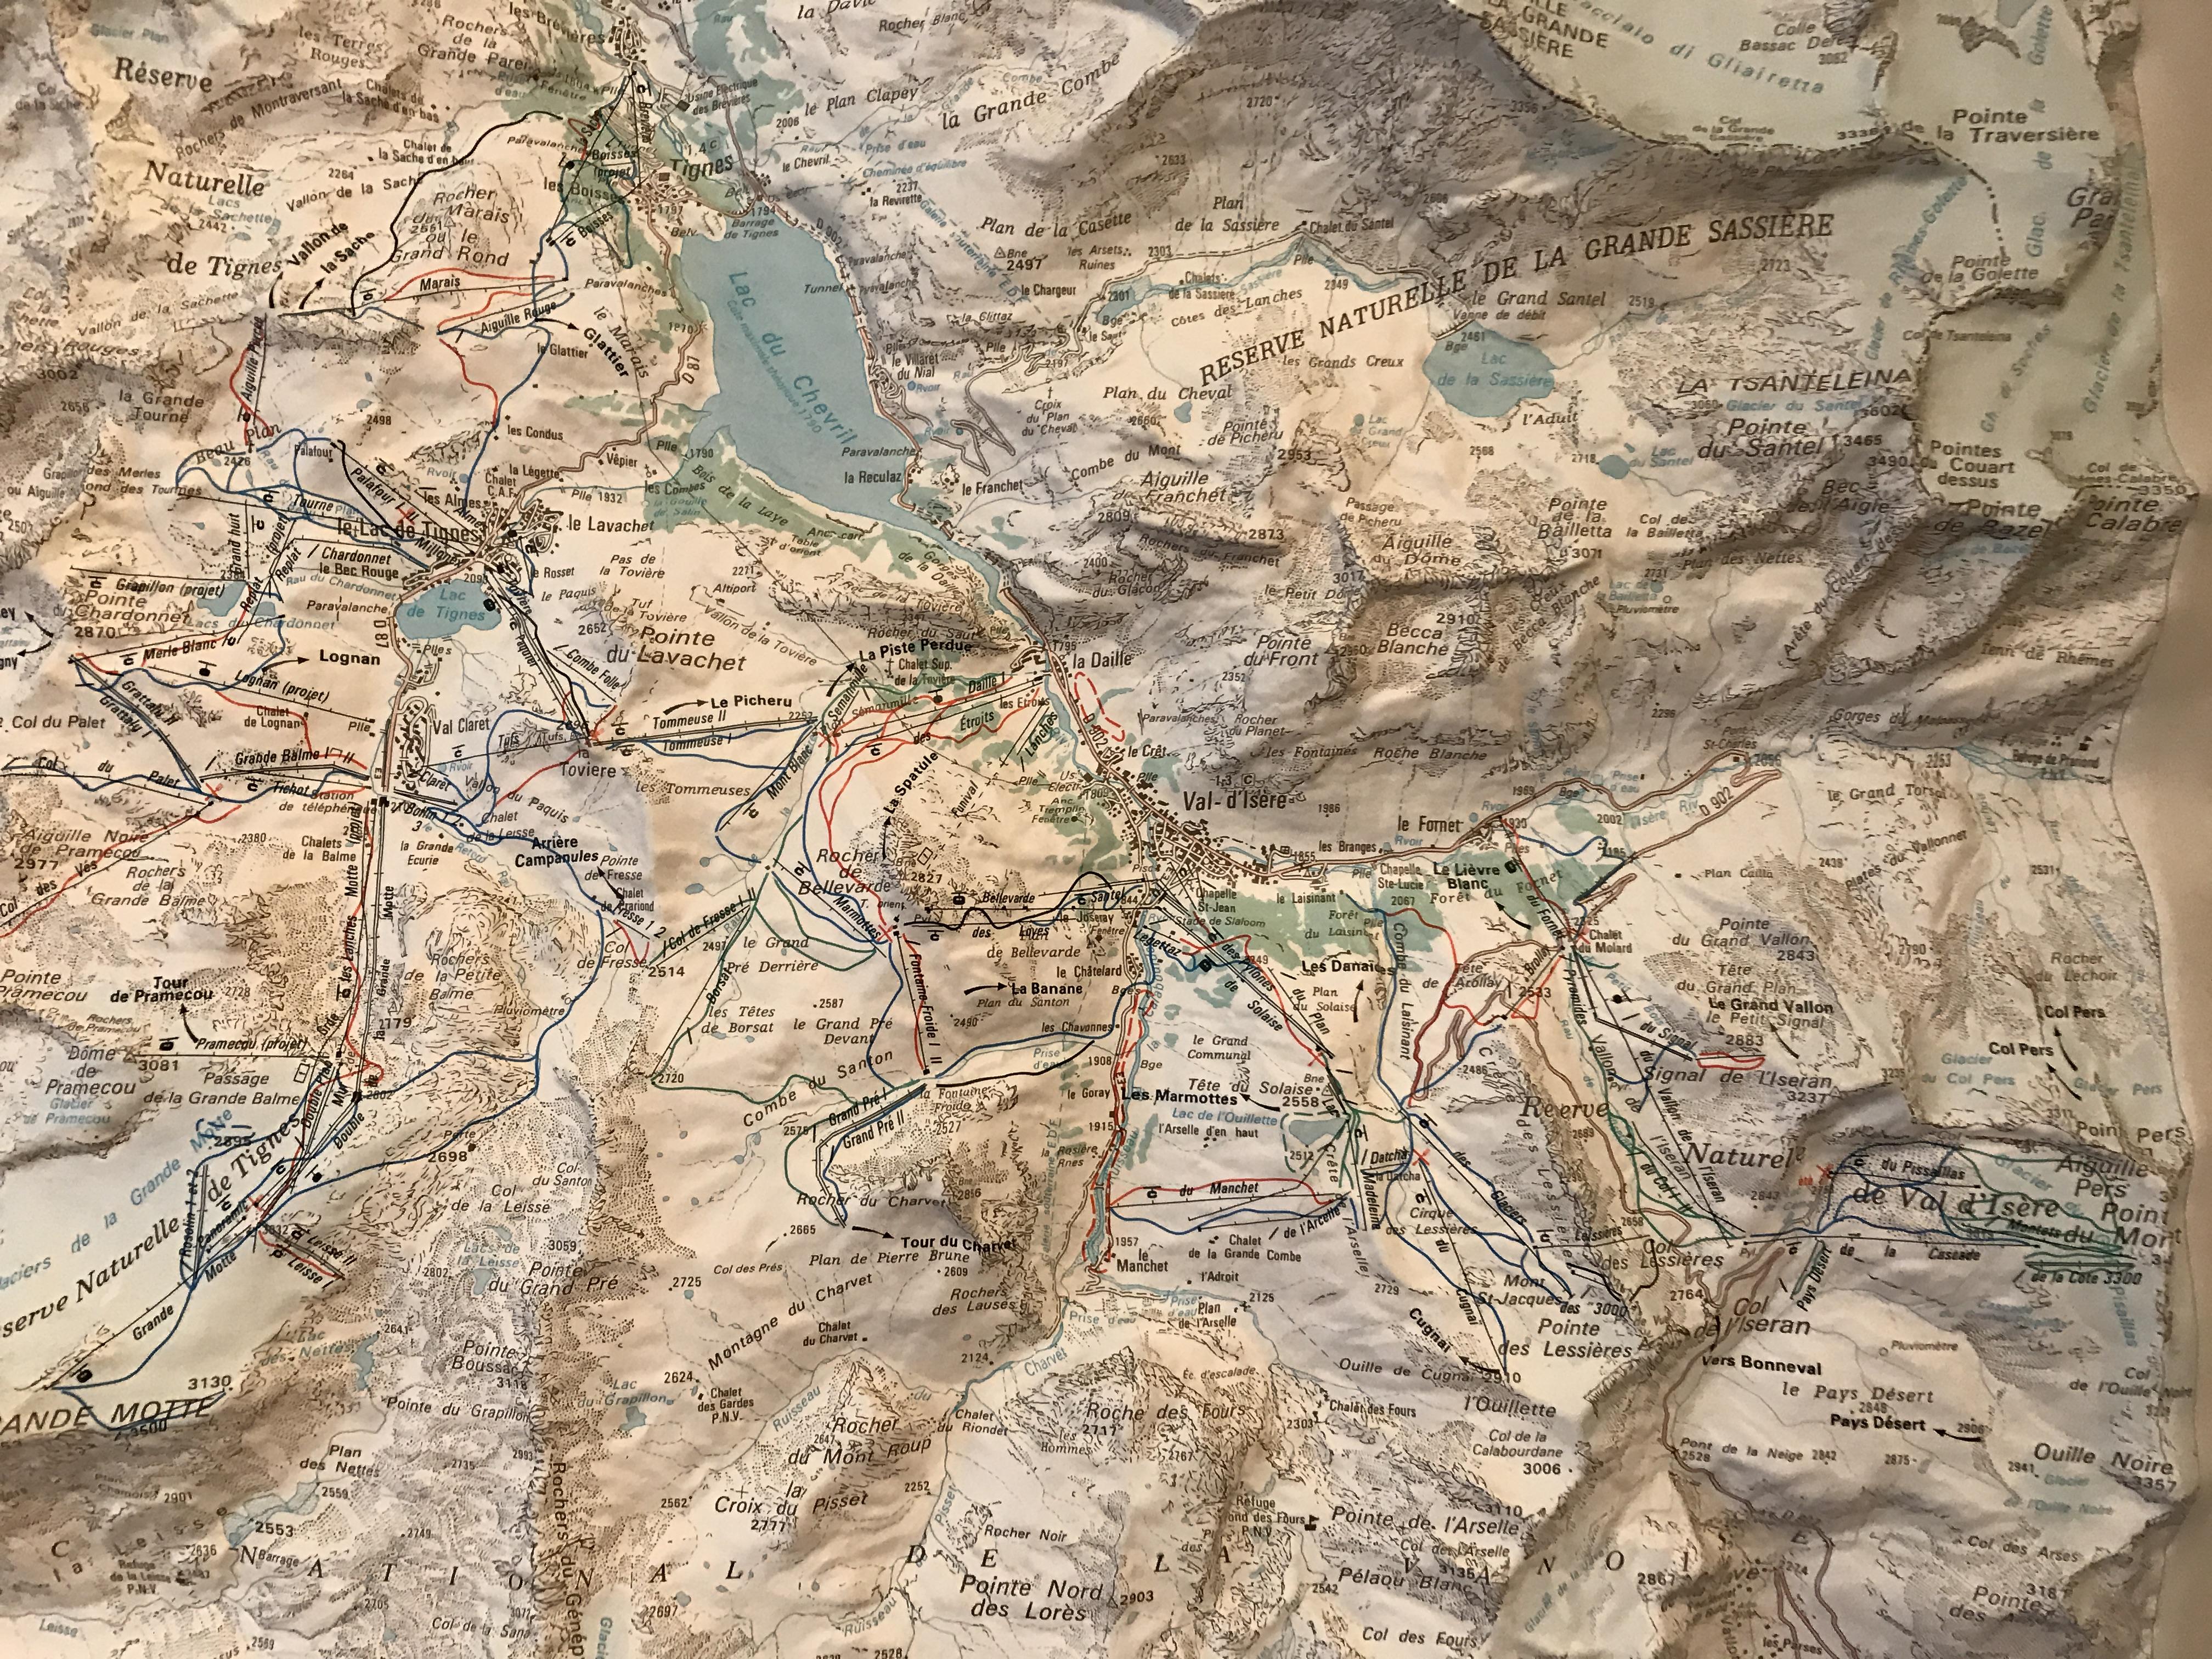 [Val d'Isère]Les tracés des anciennes remontées IMG_4579